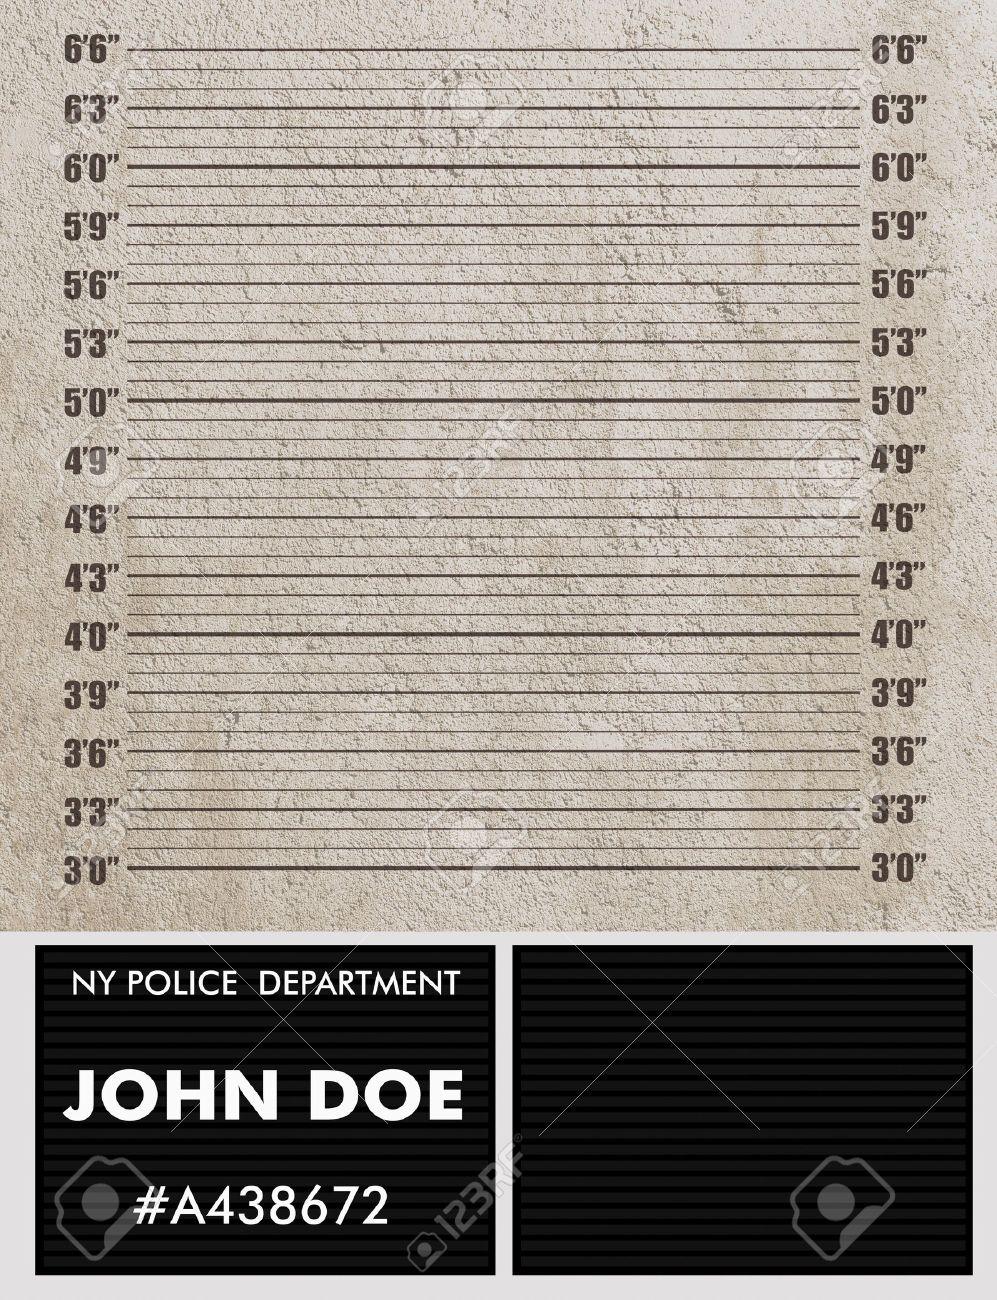 Police mugshot background - 22035982